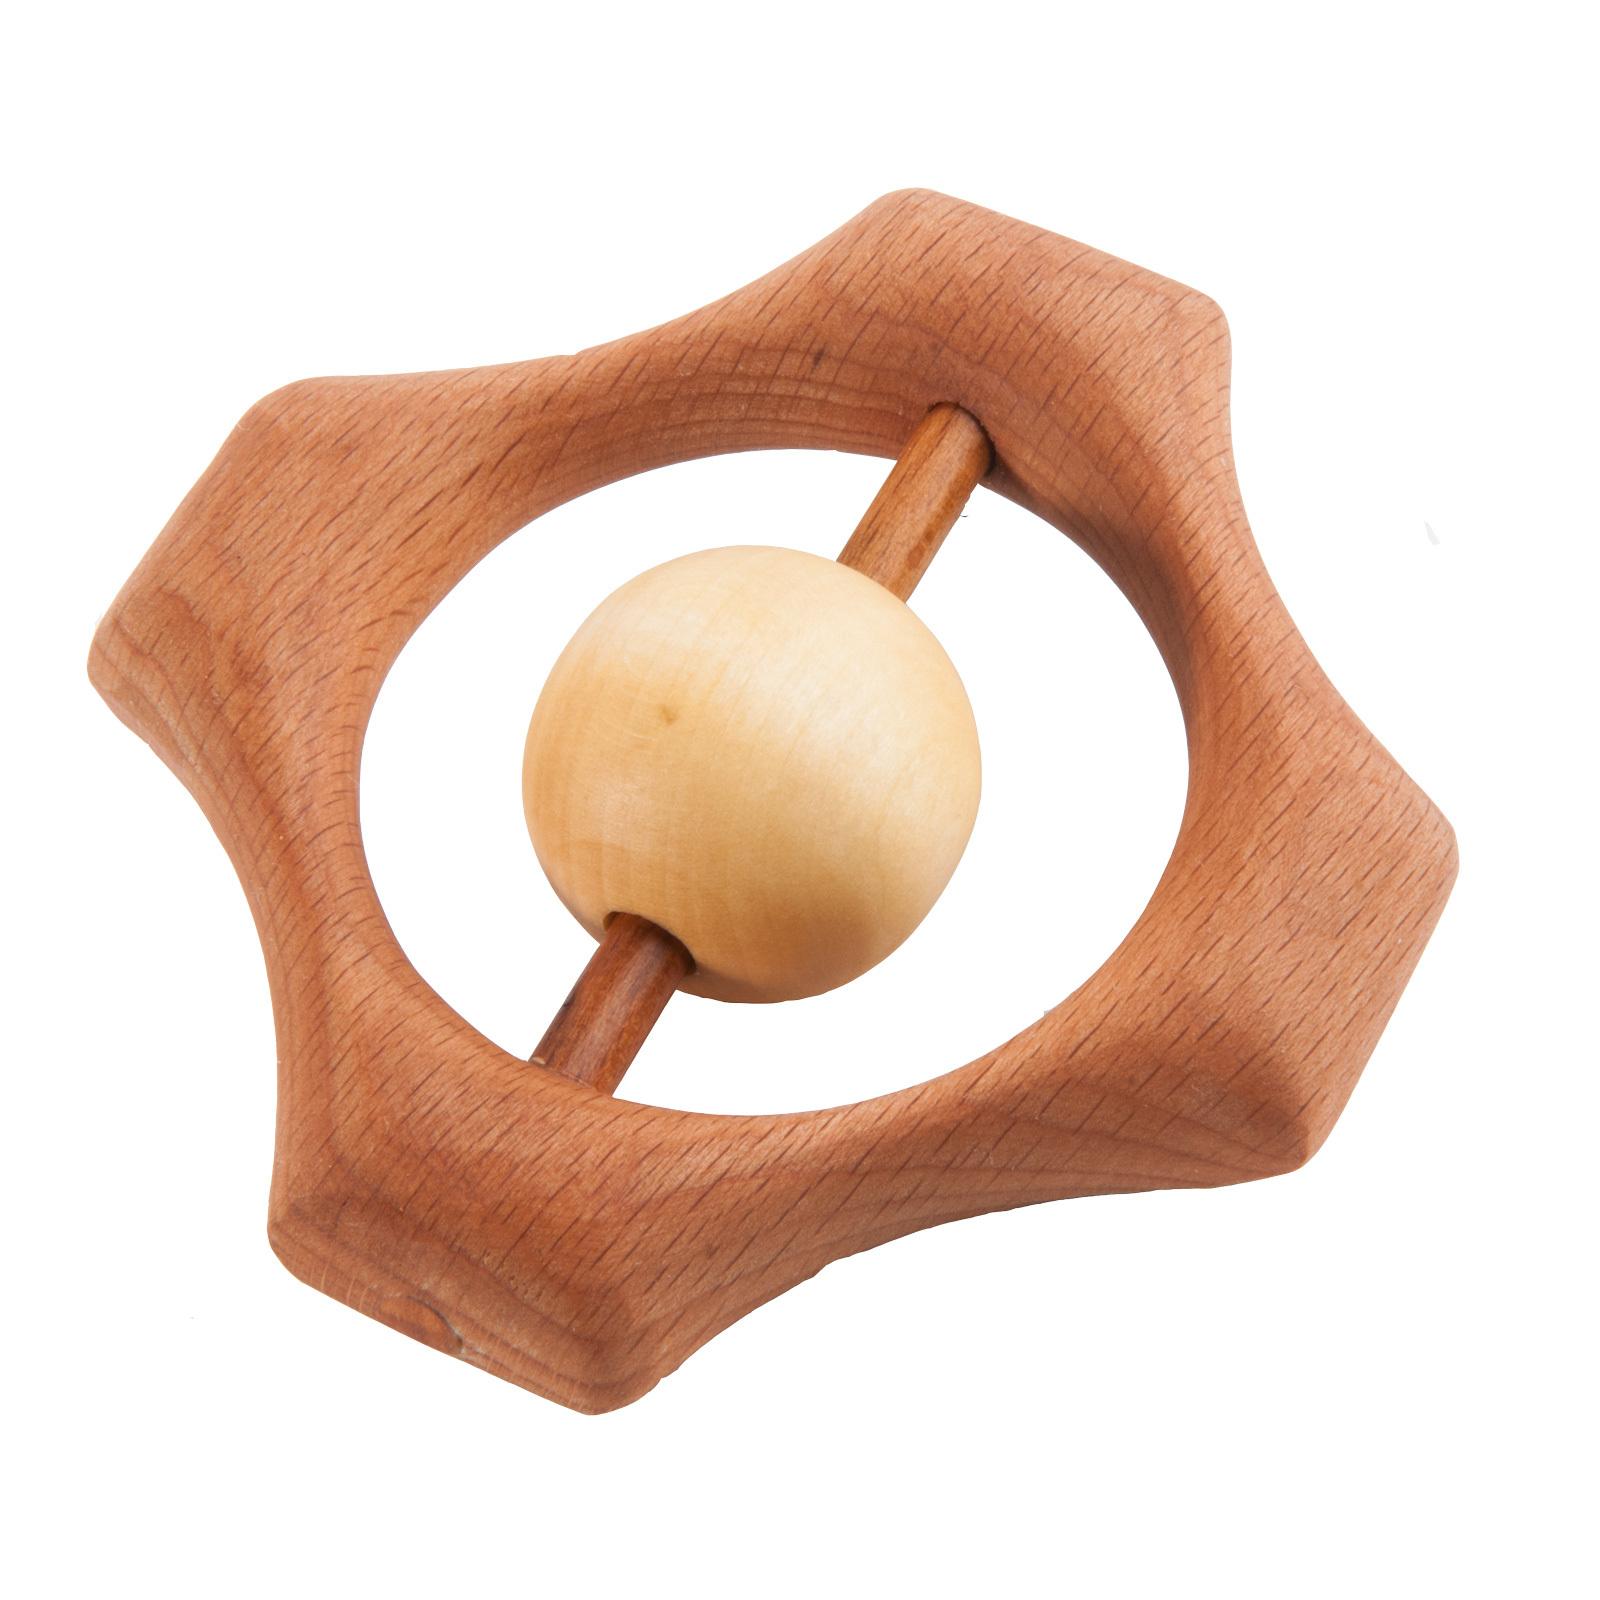 Погремушка-грызунок деревянная